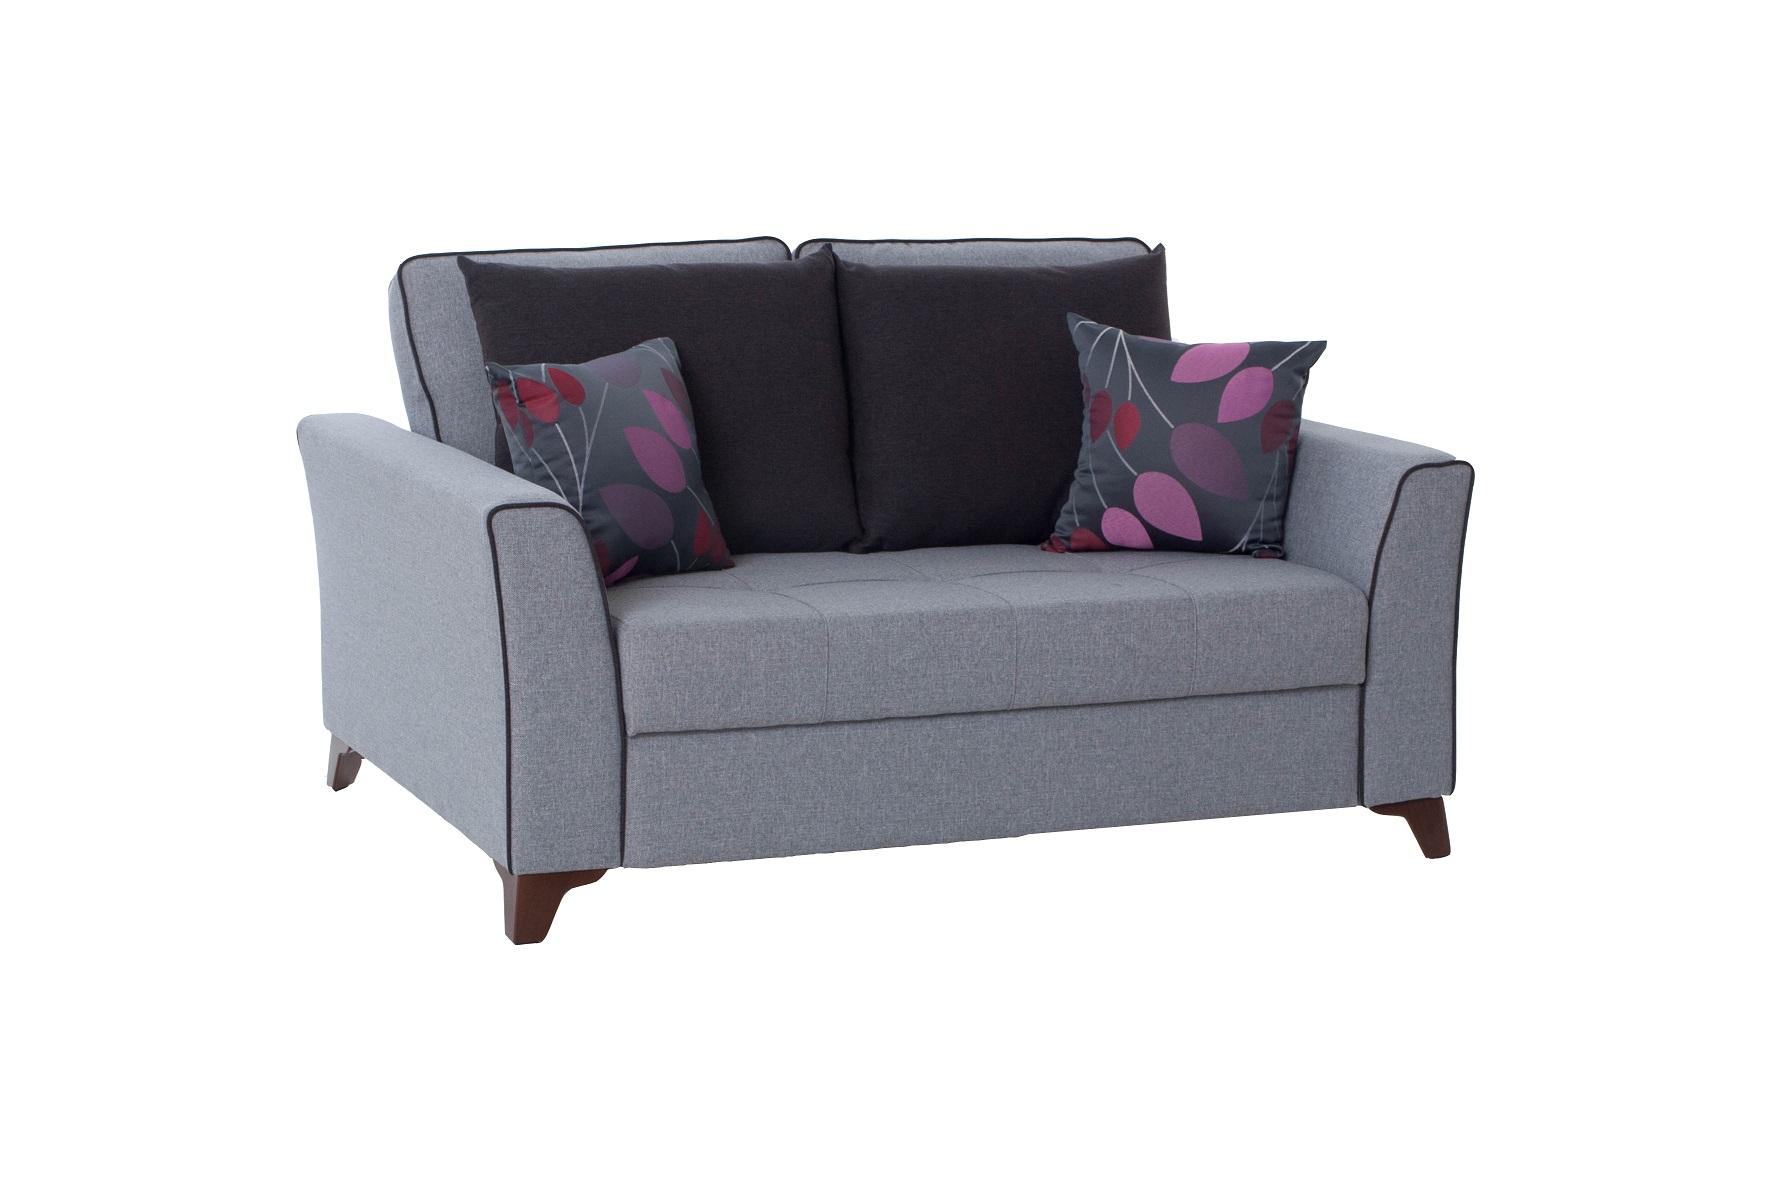 Dvoumístné Rozkládací Sofa Idea čalouněné Kasvocz